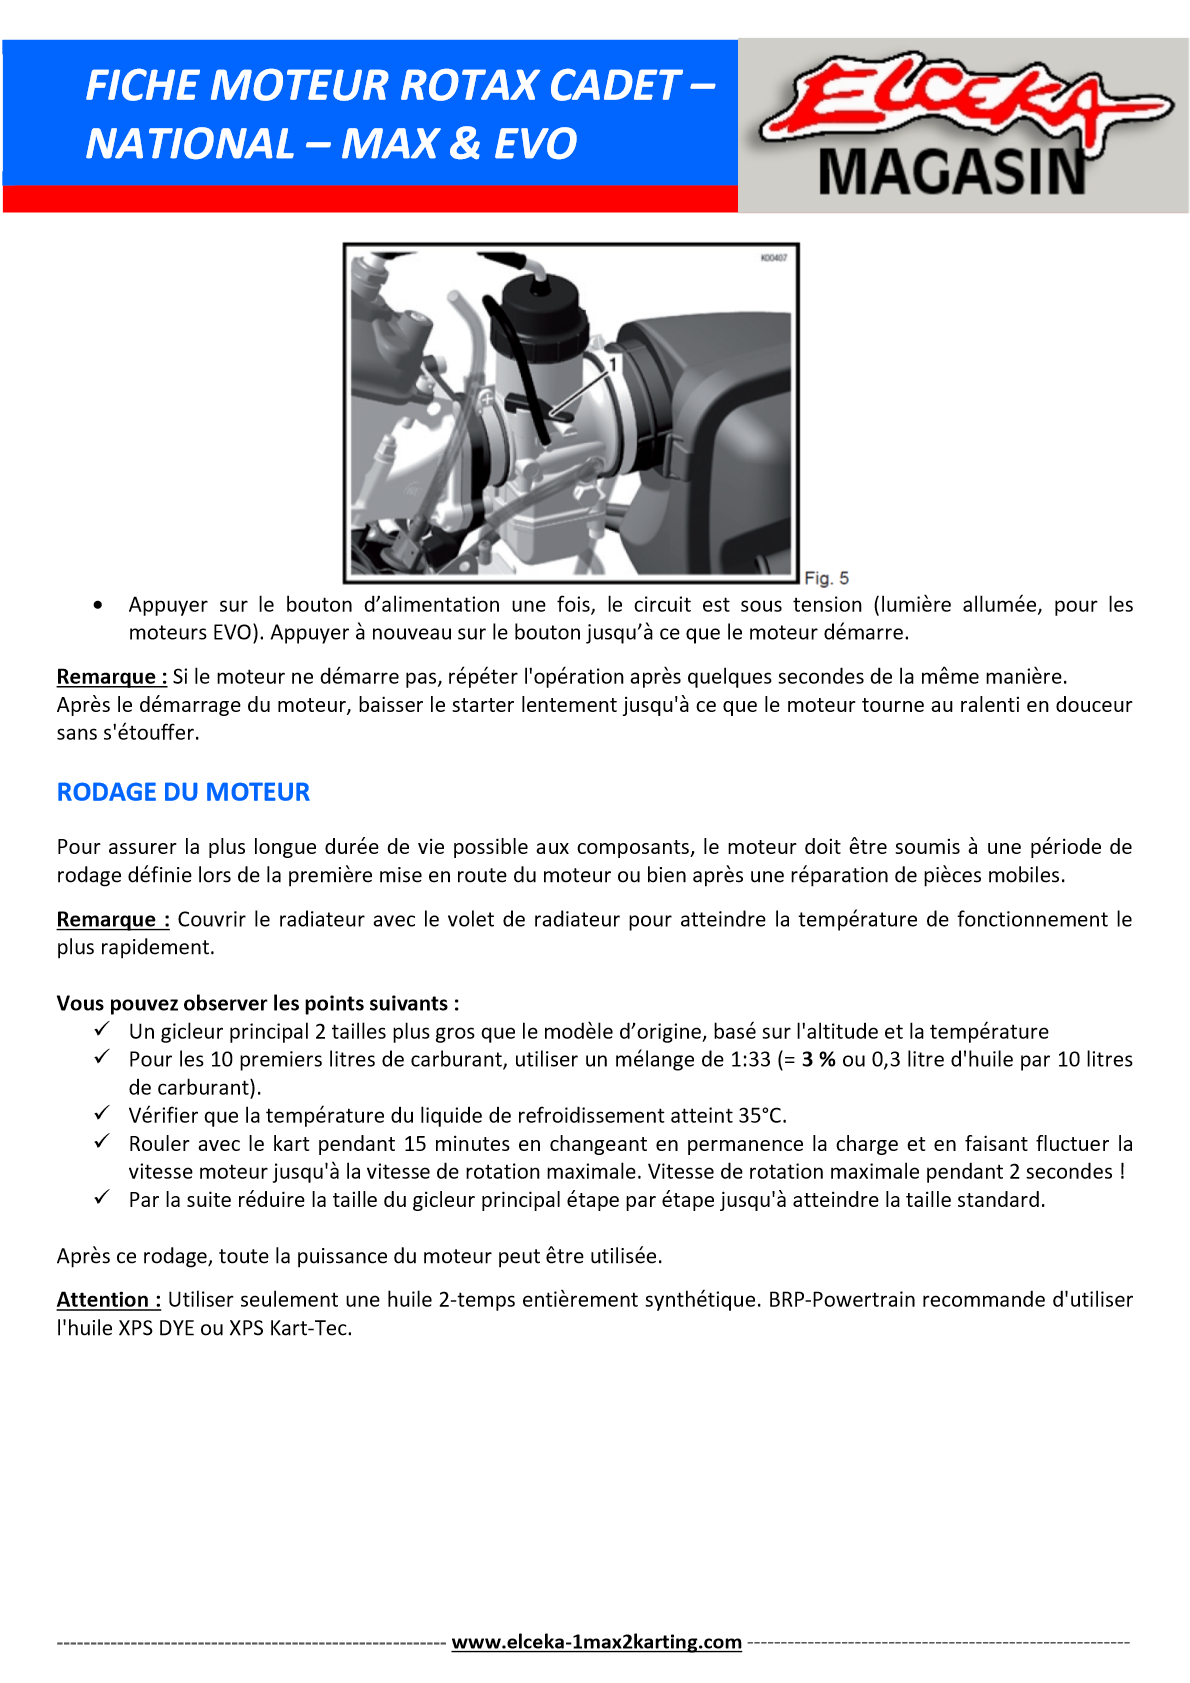 FICHE MOTEUR ROTAX PAGE 3 SUR 5